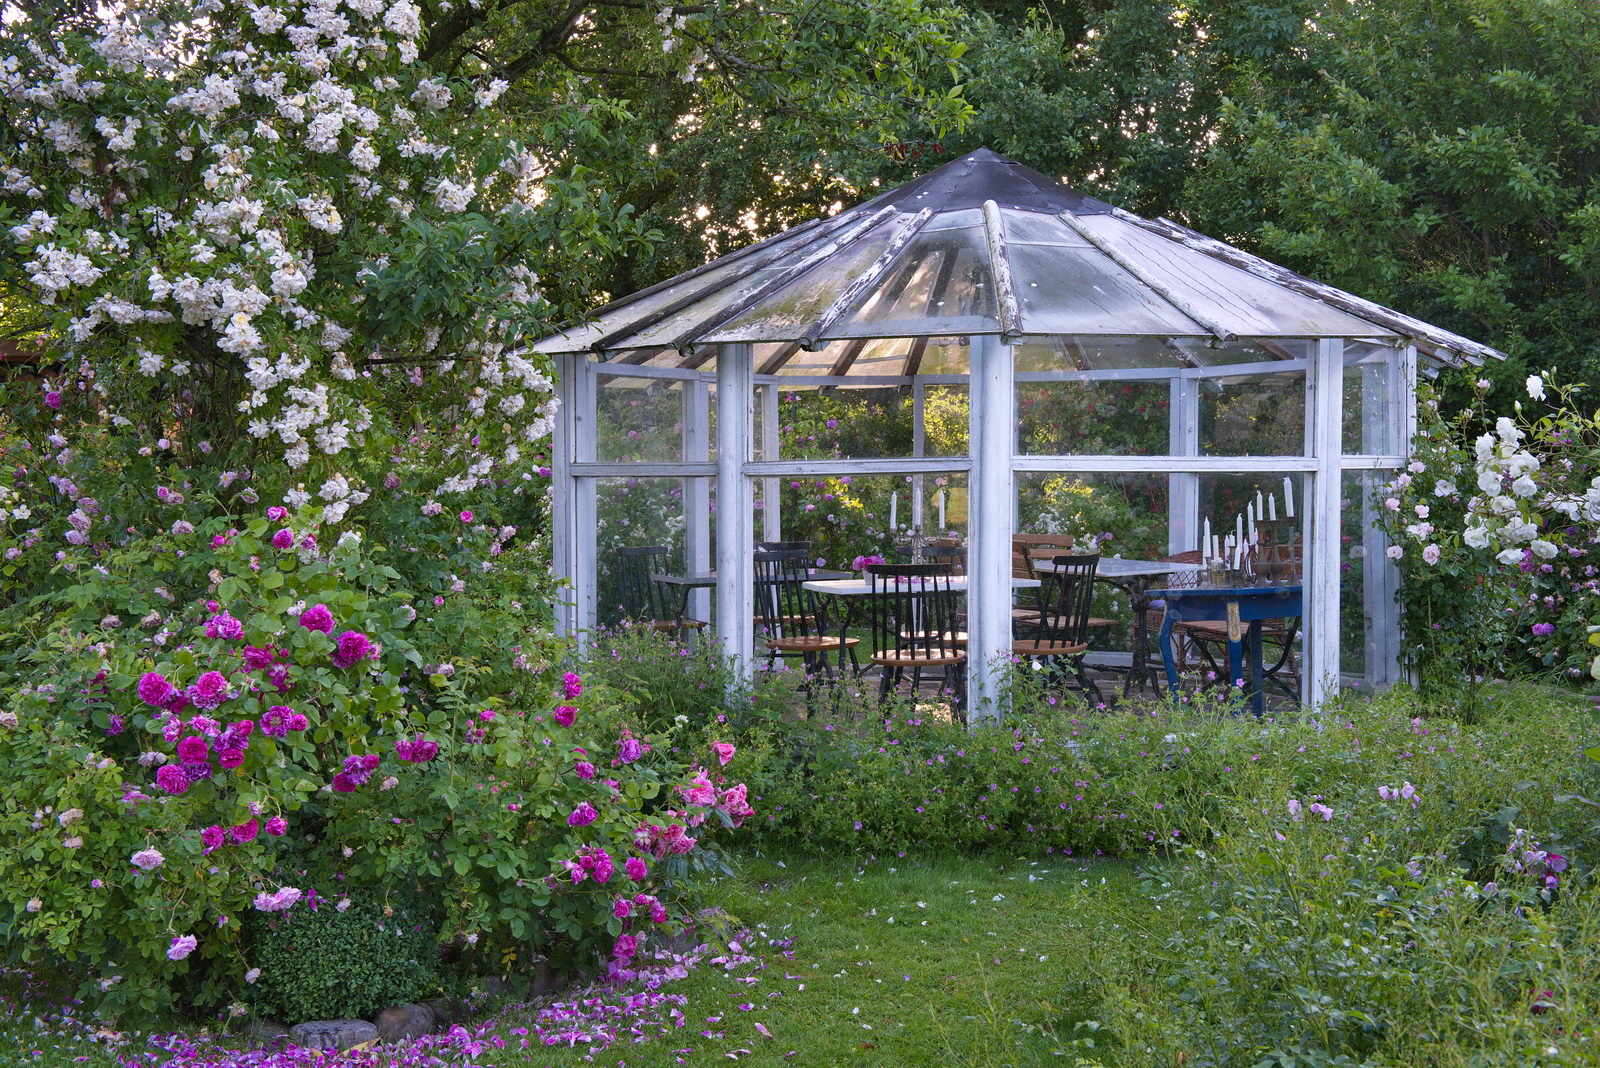 Ehemals unser Gewächshaus, jetzt Gartenhaus mit Rundumblick zu allen Seiten.